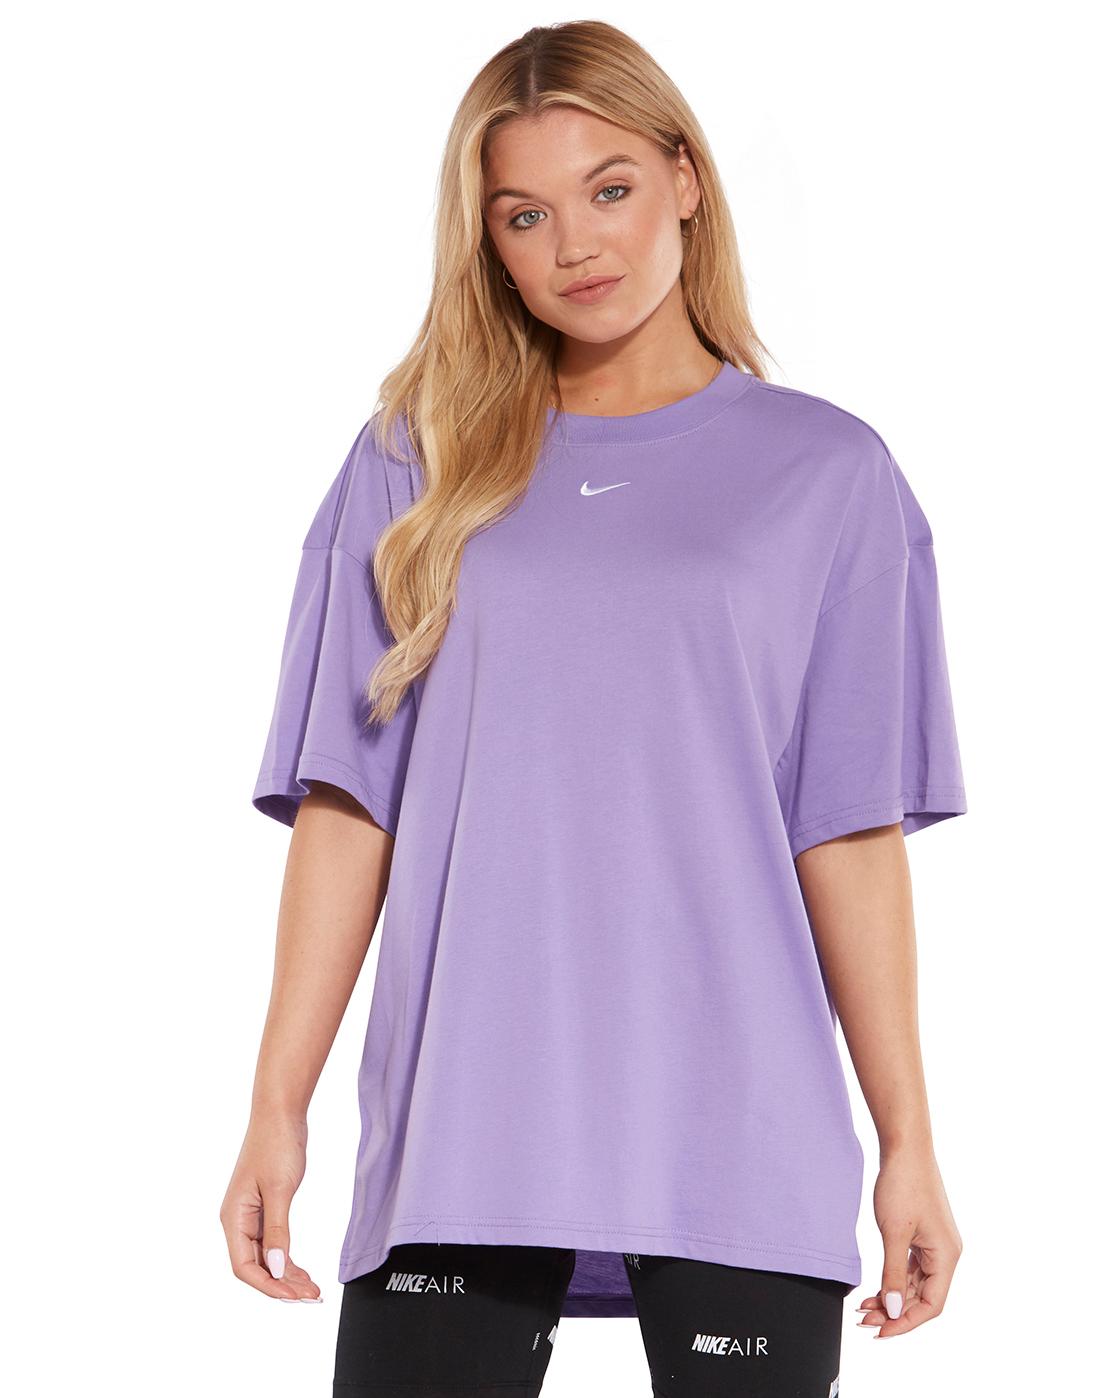 Nike T Shirts For Women